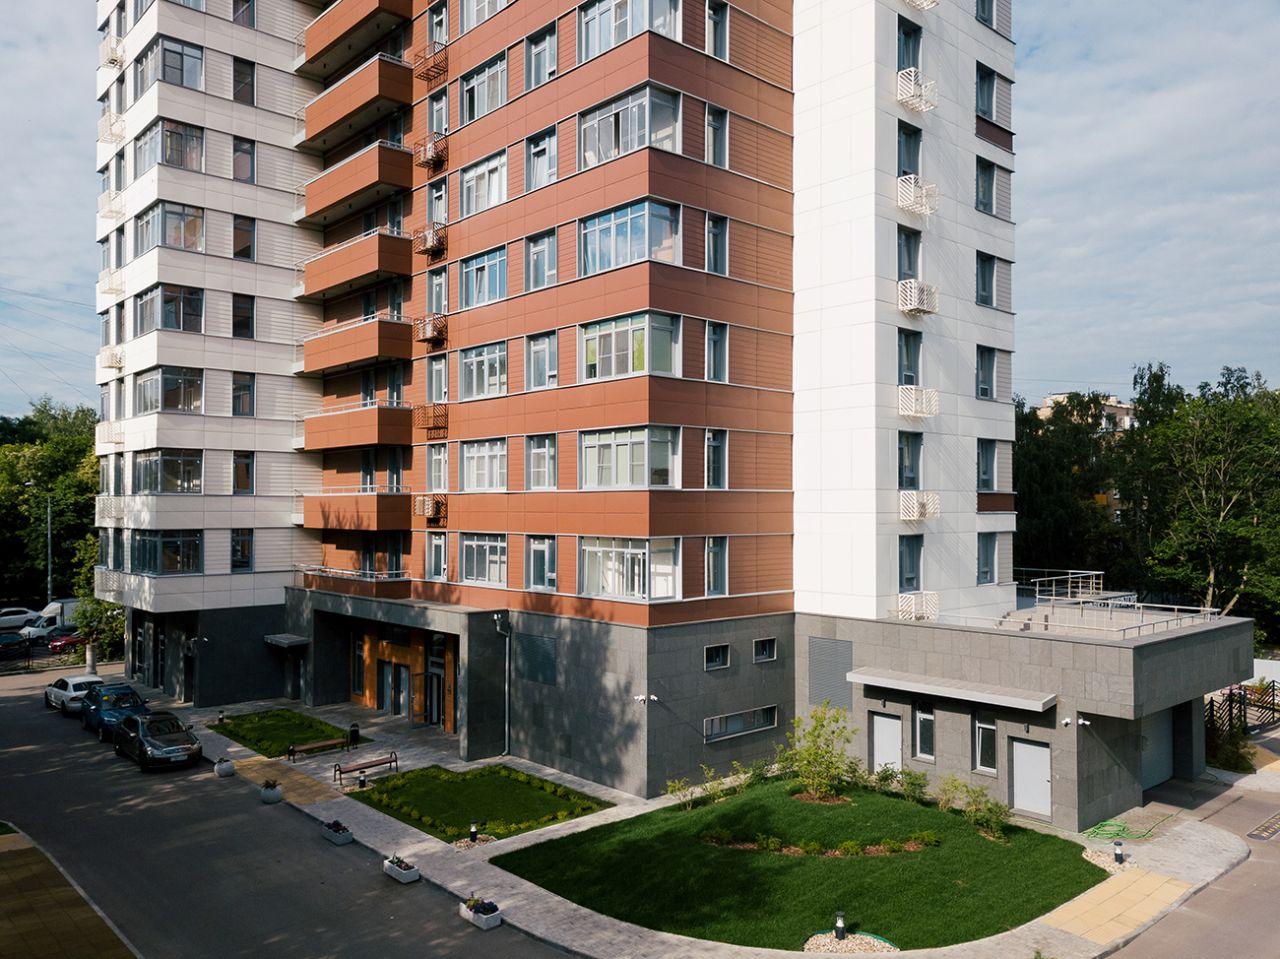 купить квартиру в ЖК Счастье в Мневниках